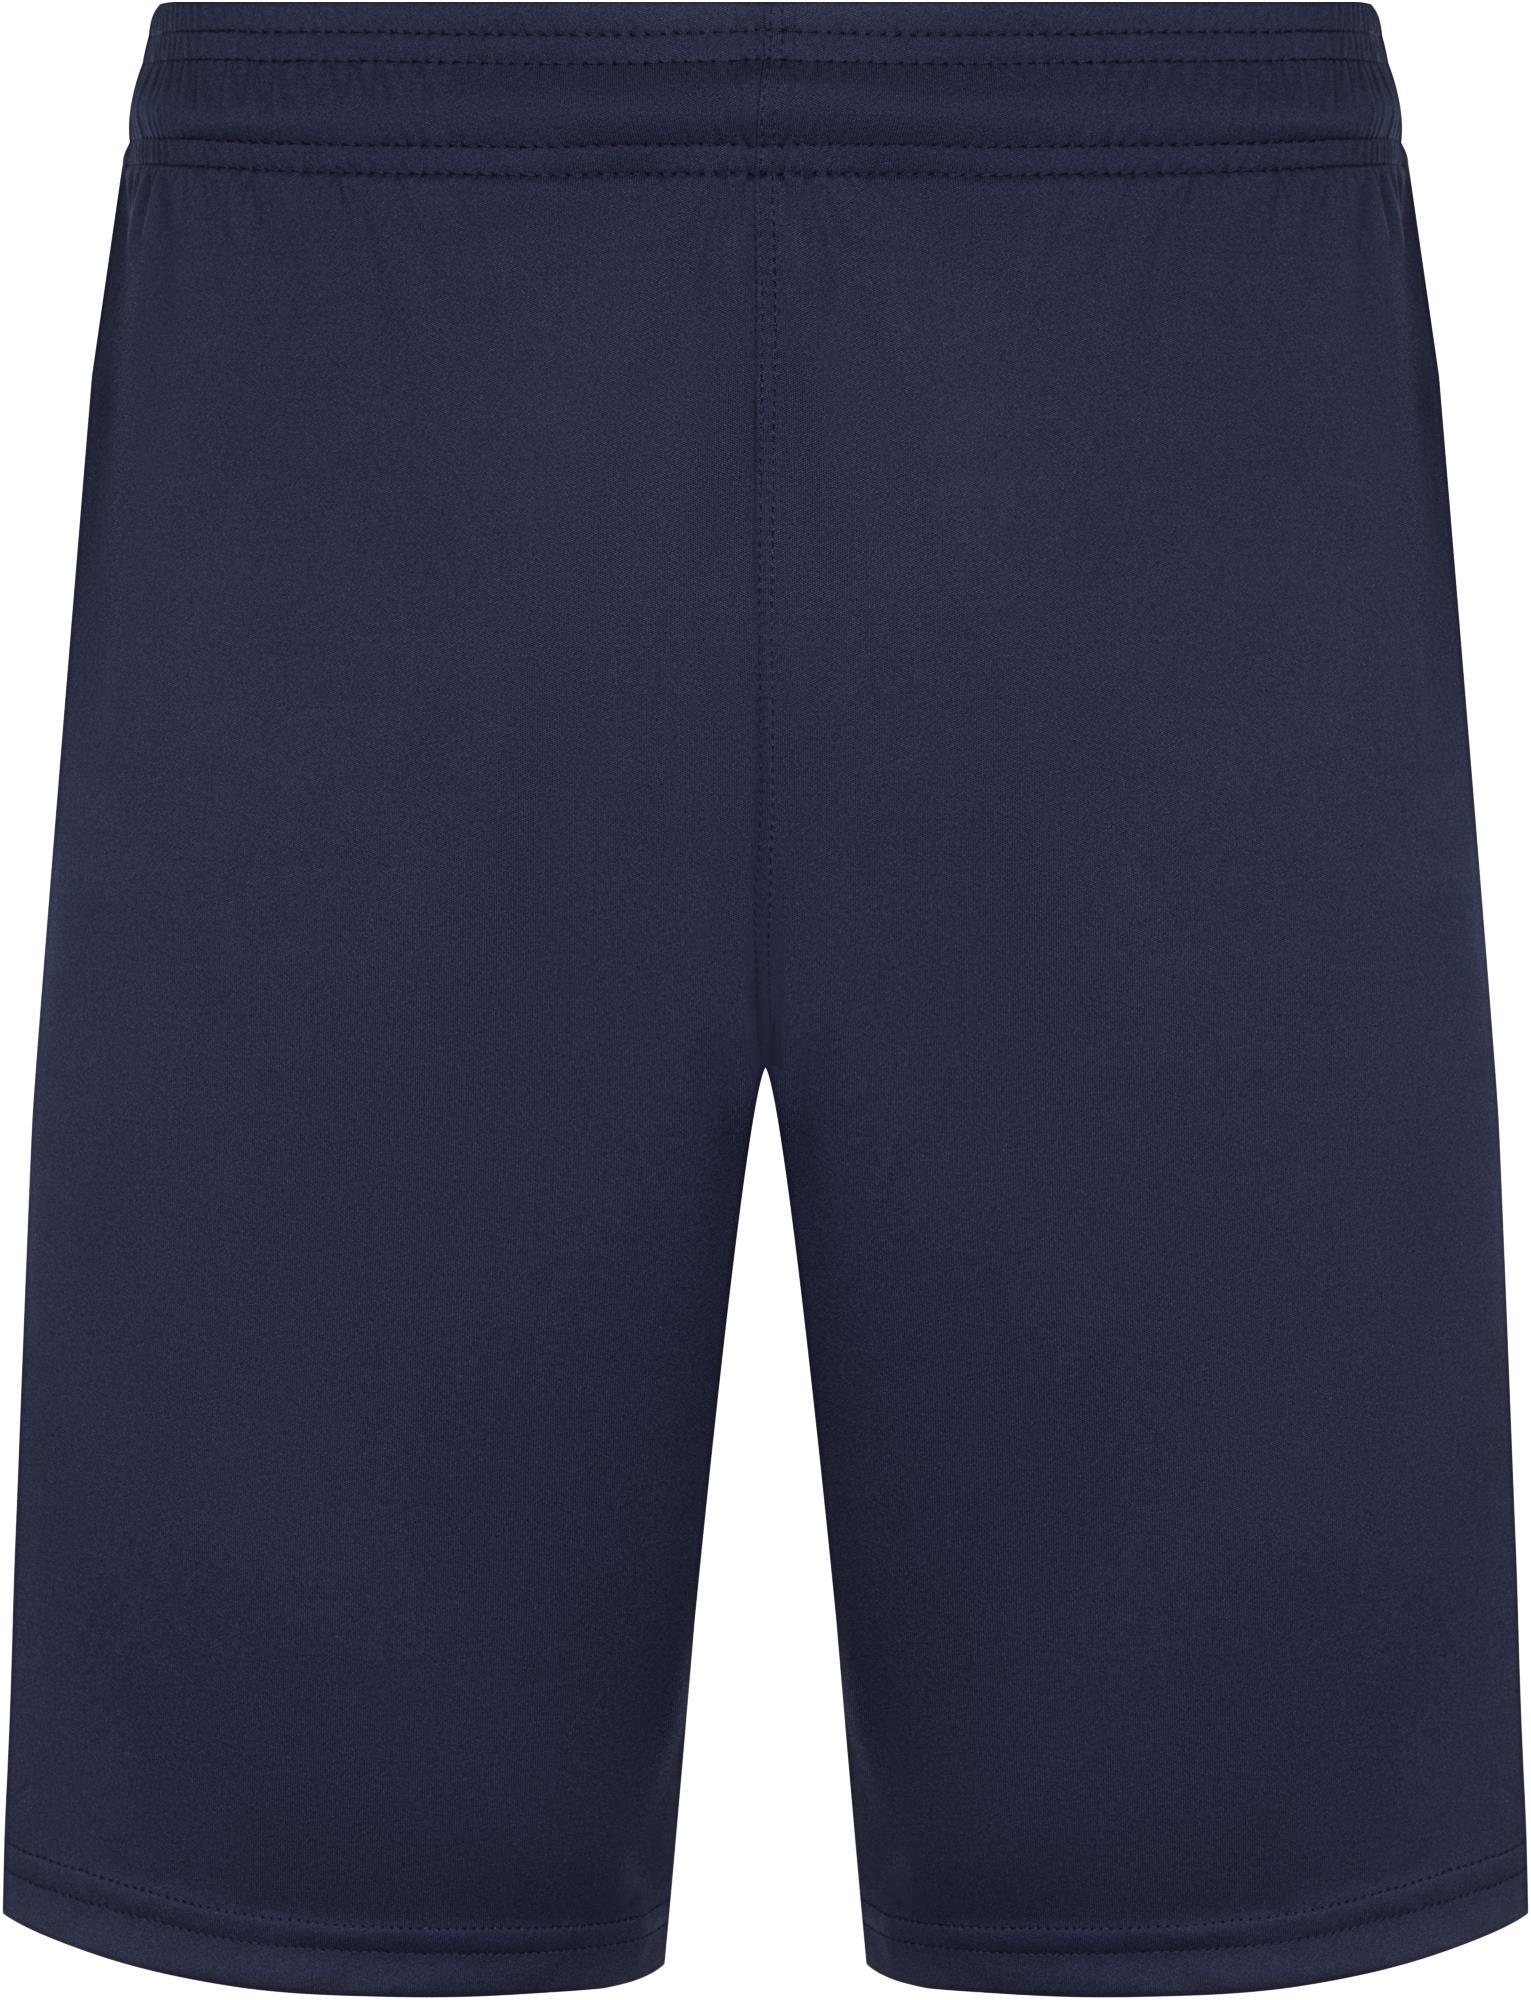 Шорты Kappa Men's Football Shorts недорго, оригинальная цена